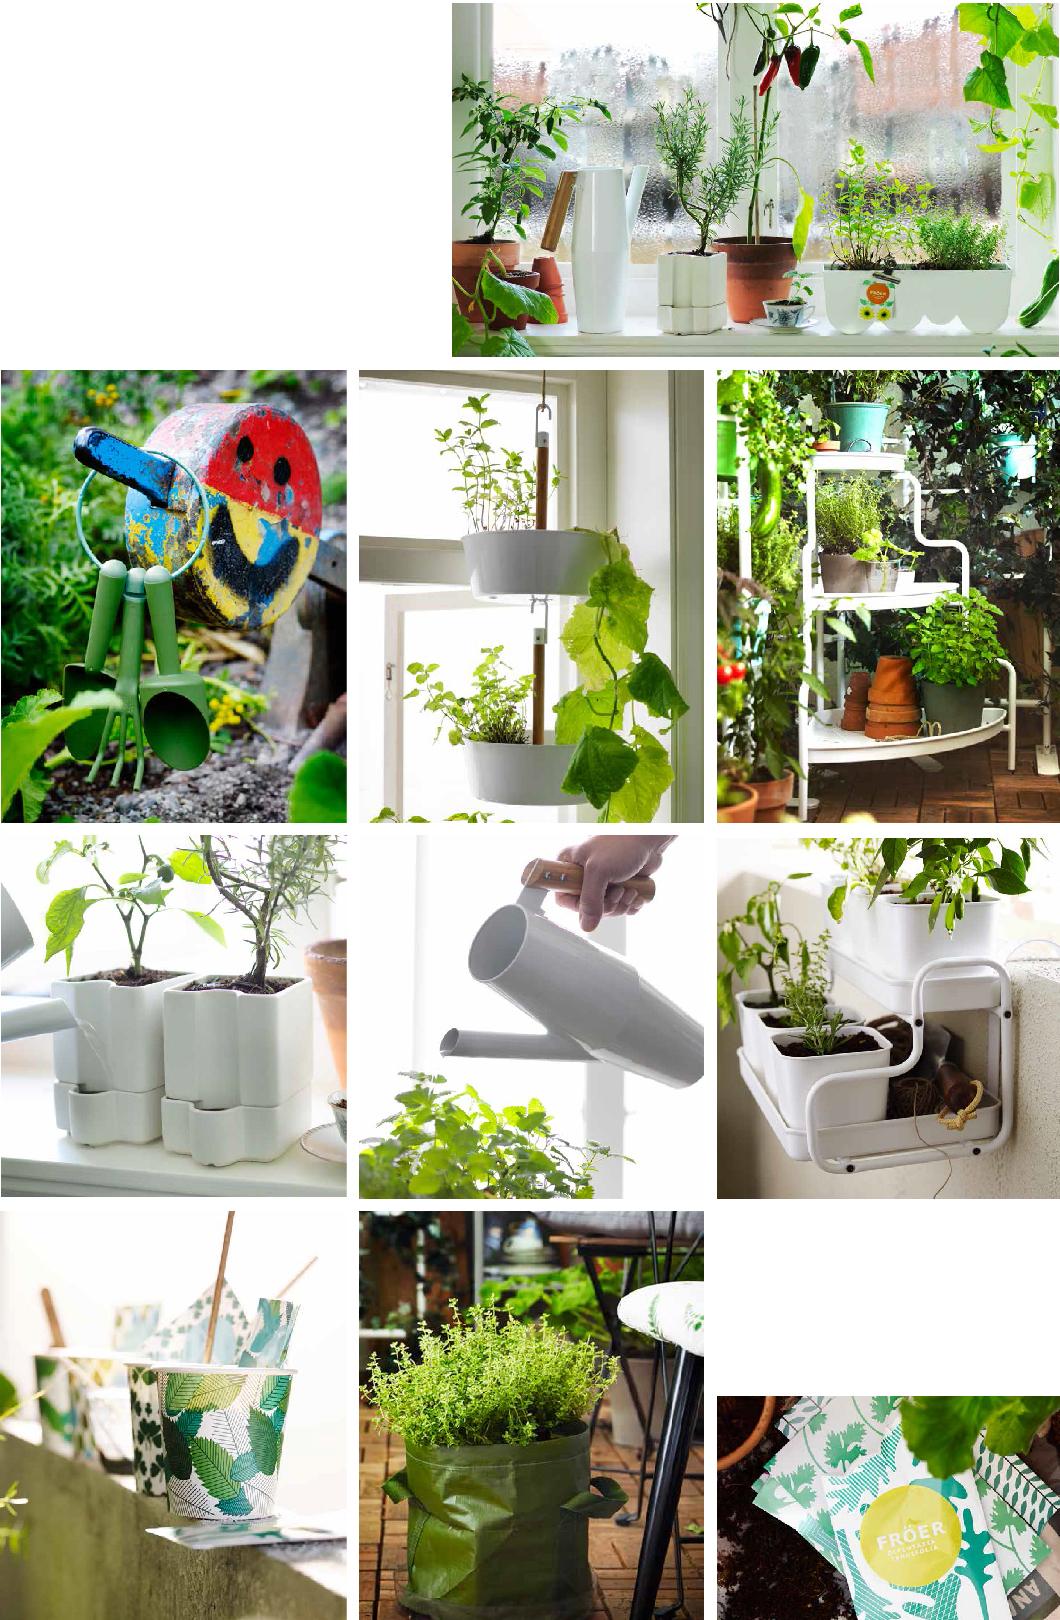 Ikea estate 2015 catalogo esterni gazebo ombrelloni design mon amour - Accessori giardino ikea ...